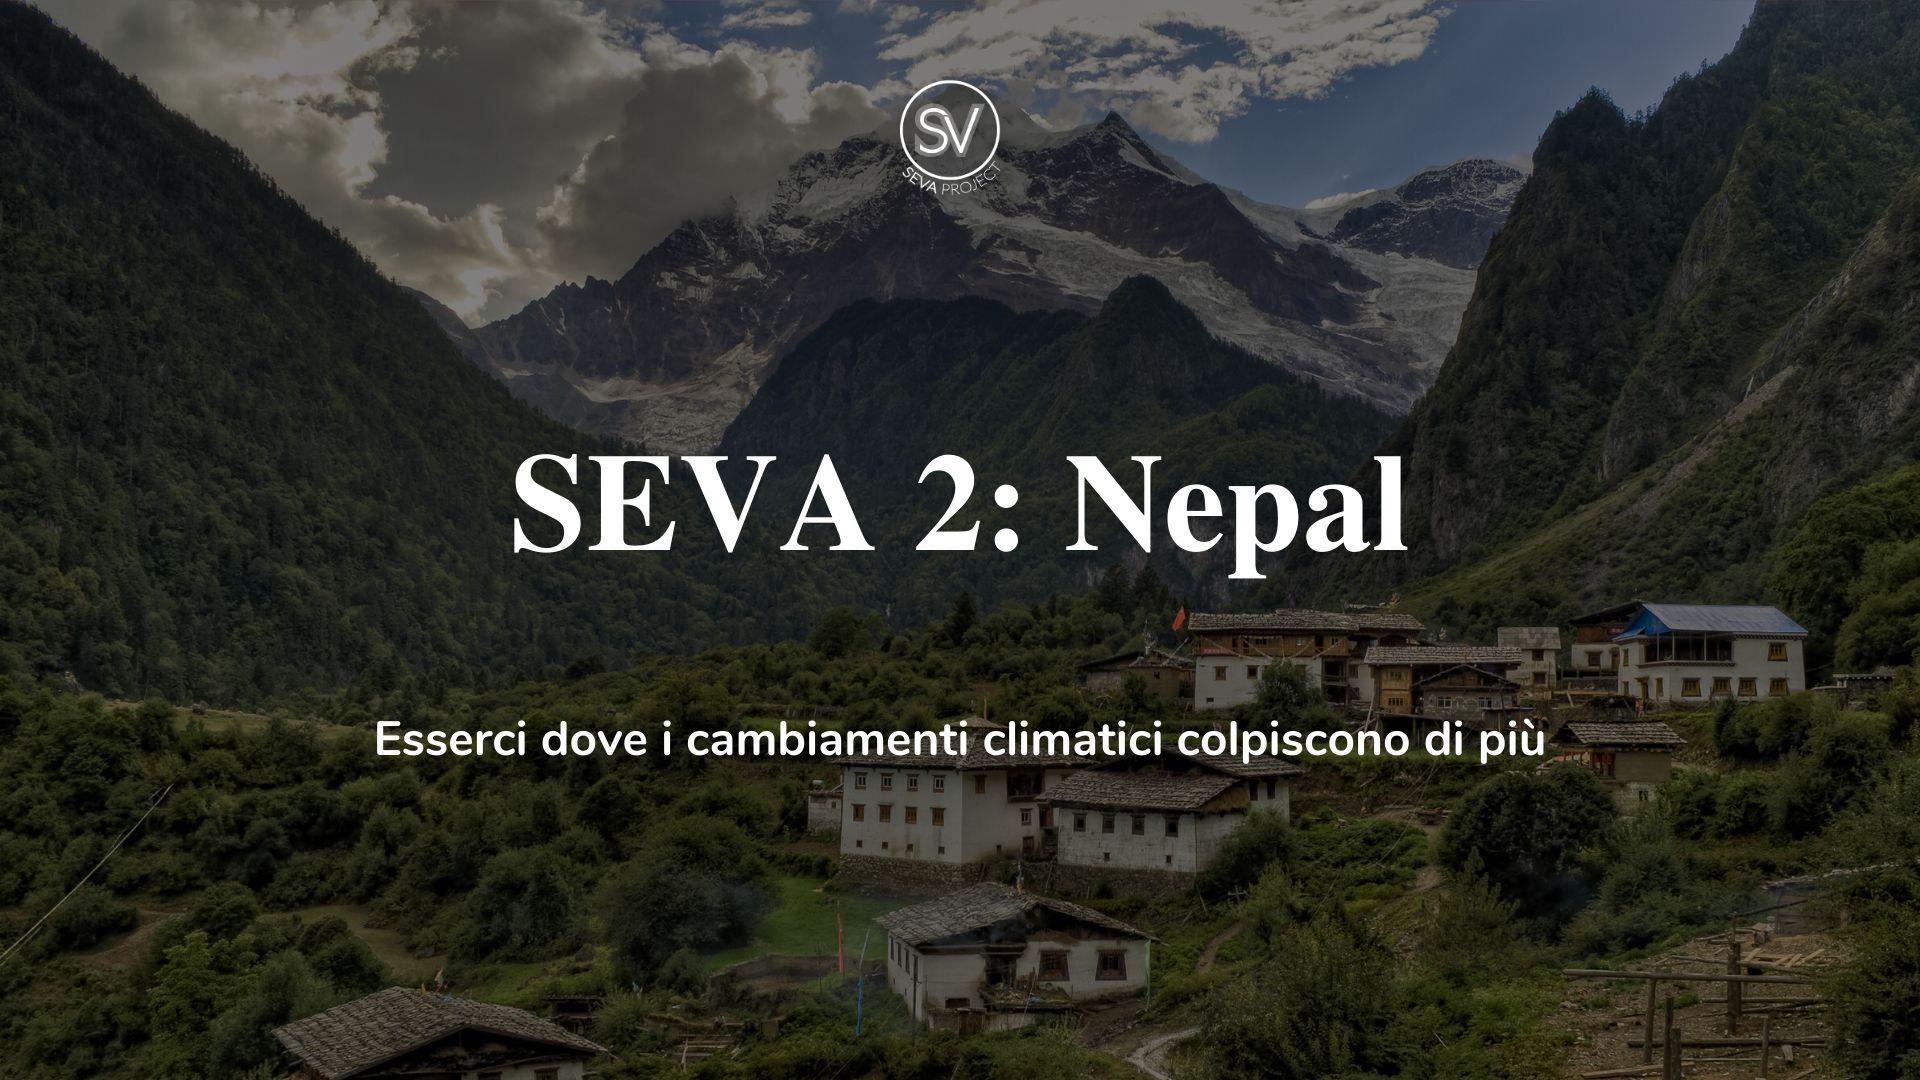 Seva 2: Nepal - Esserci dove i cambiamenti climatici colpiscono di più